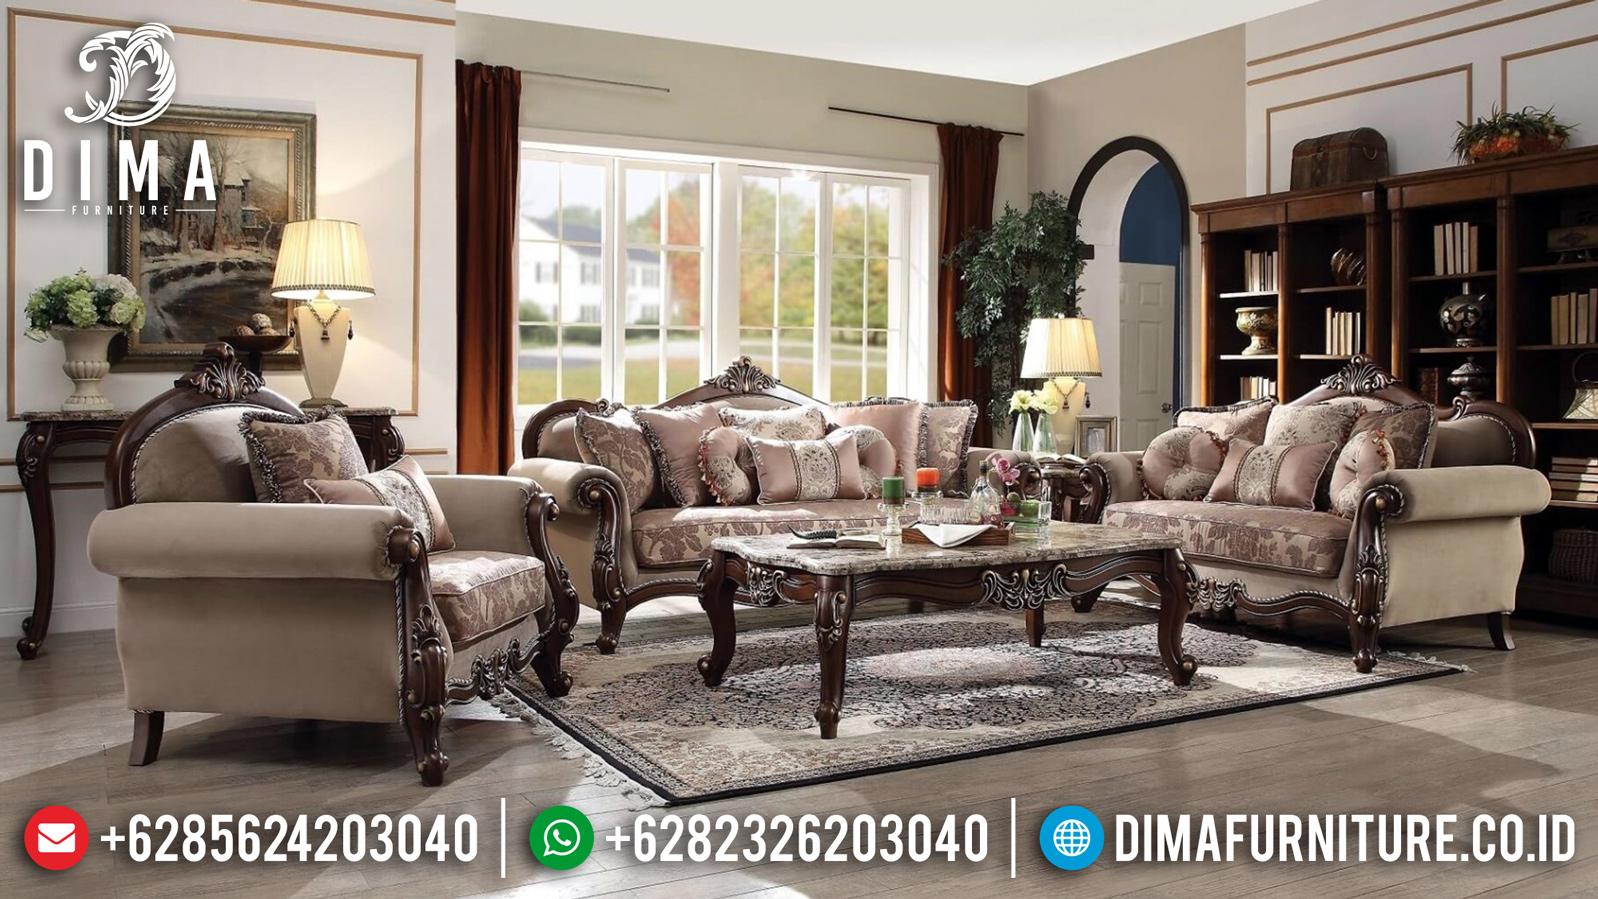 Sofa Tamu Mewah Eksklusif Ukiran Jepara Luxury Kualitas Terbaik Mm-0686